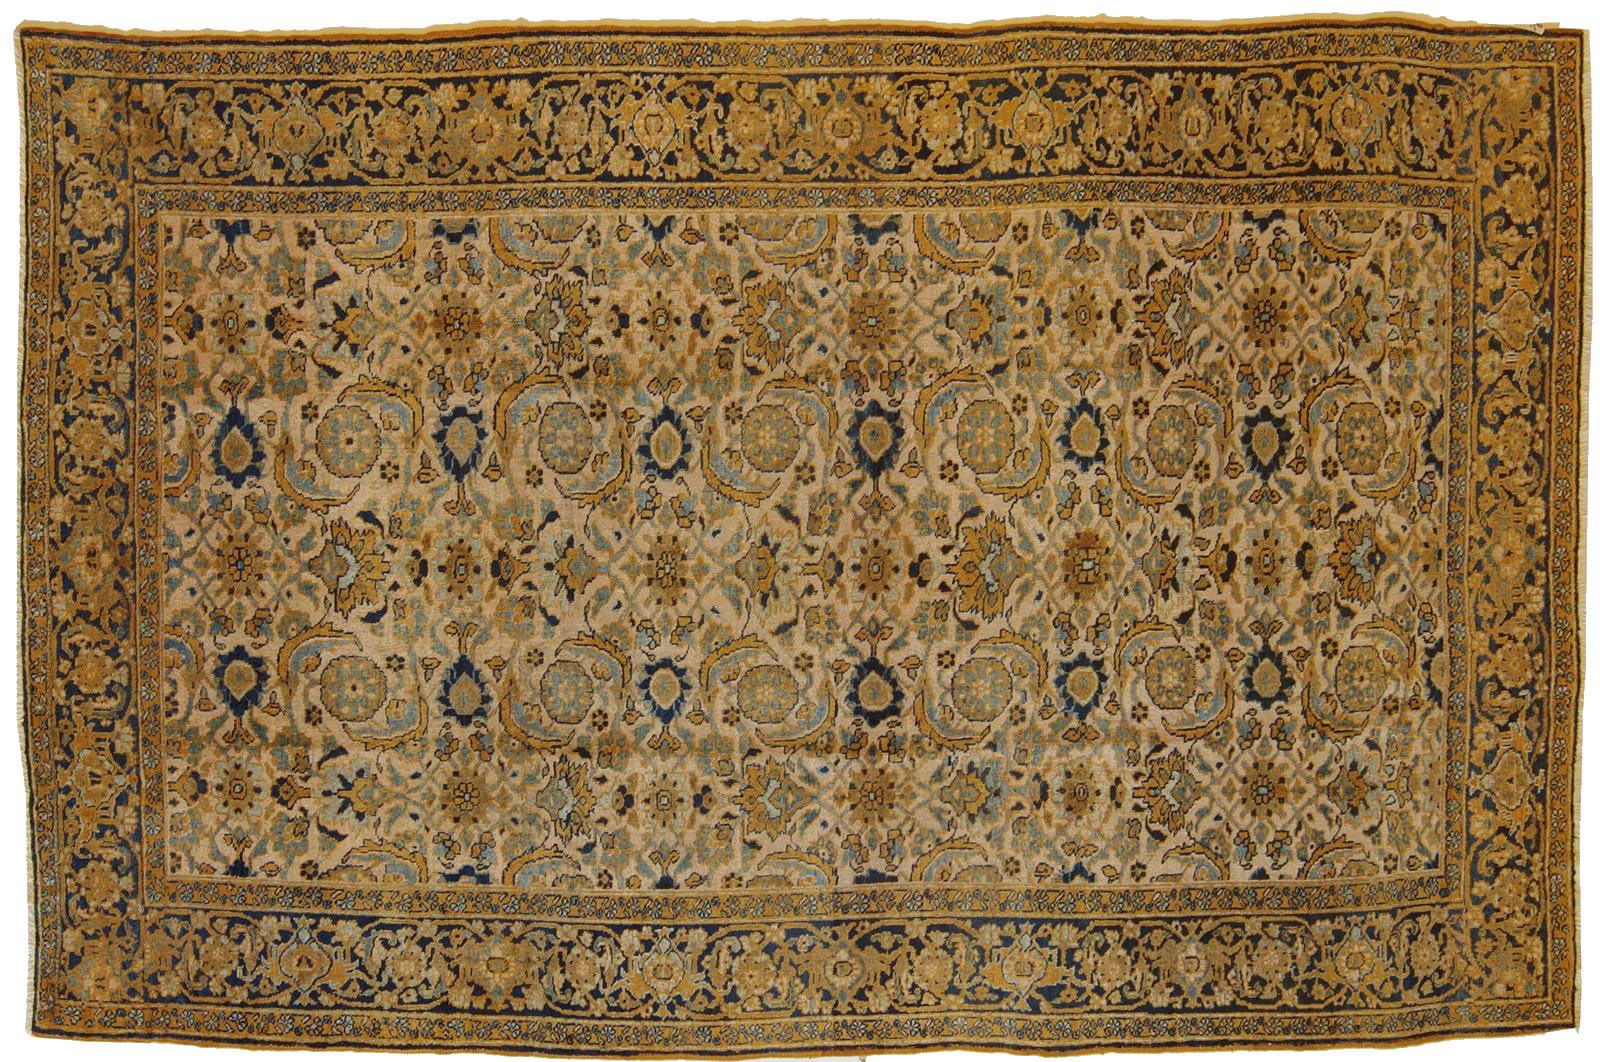 Un heriz fondo chiaro morandi tappeti - Tappeti persiani antichi ...